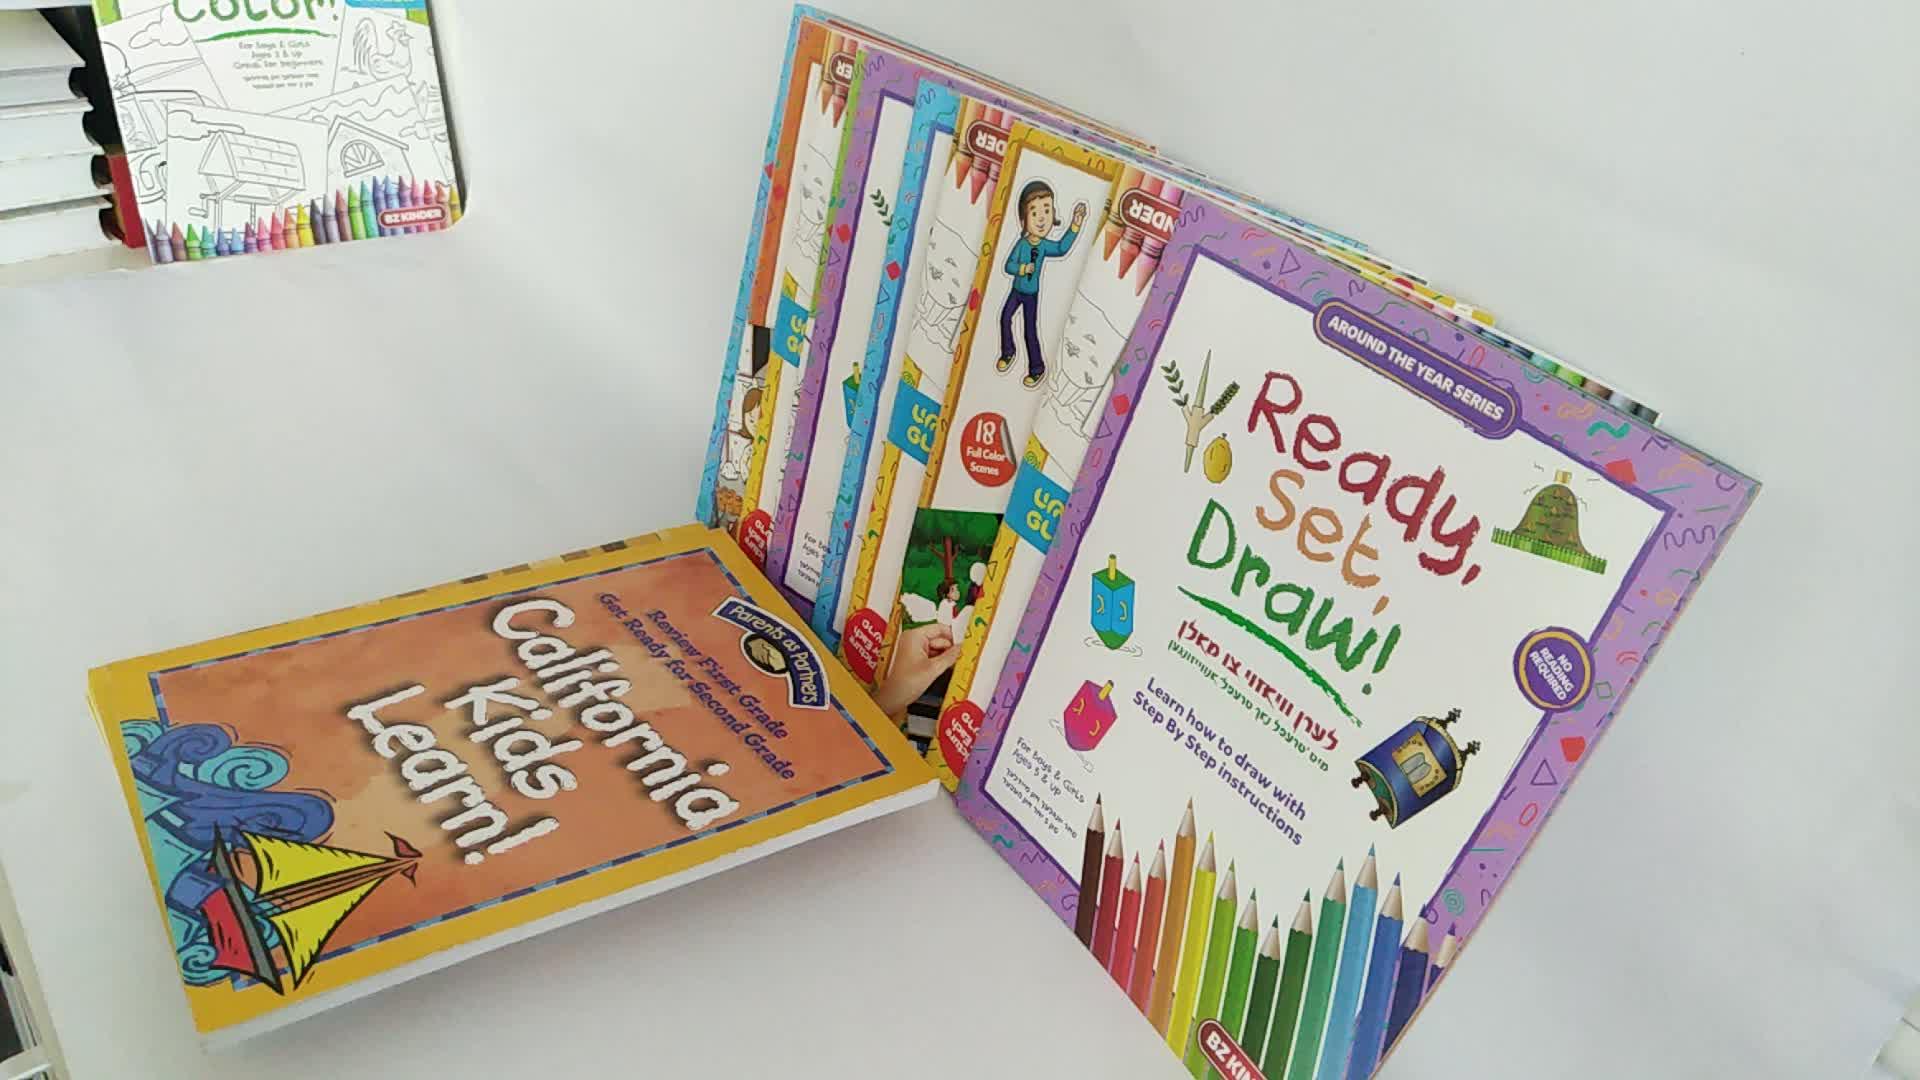 Buchherstellung maßgeschneiderte billige Taschenbuch kleine Buchdruck